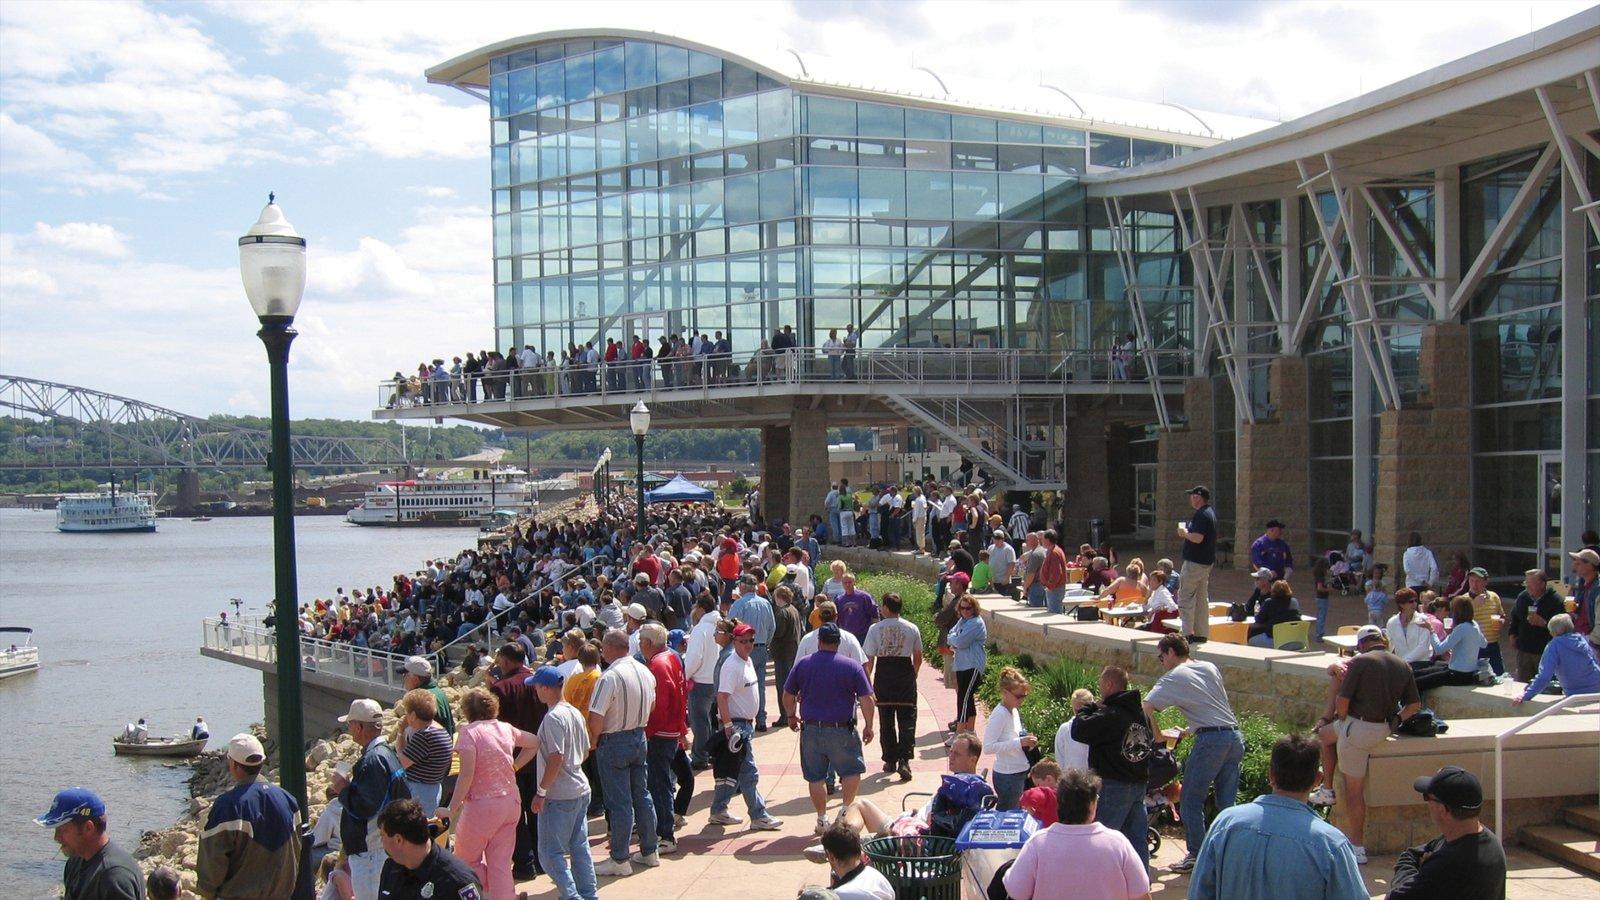 Centro de Dubuque ofreciendo un río o arroyo y arquitectura moderna y también un gran grupo de personas